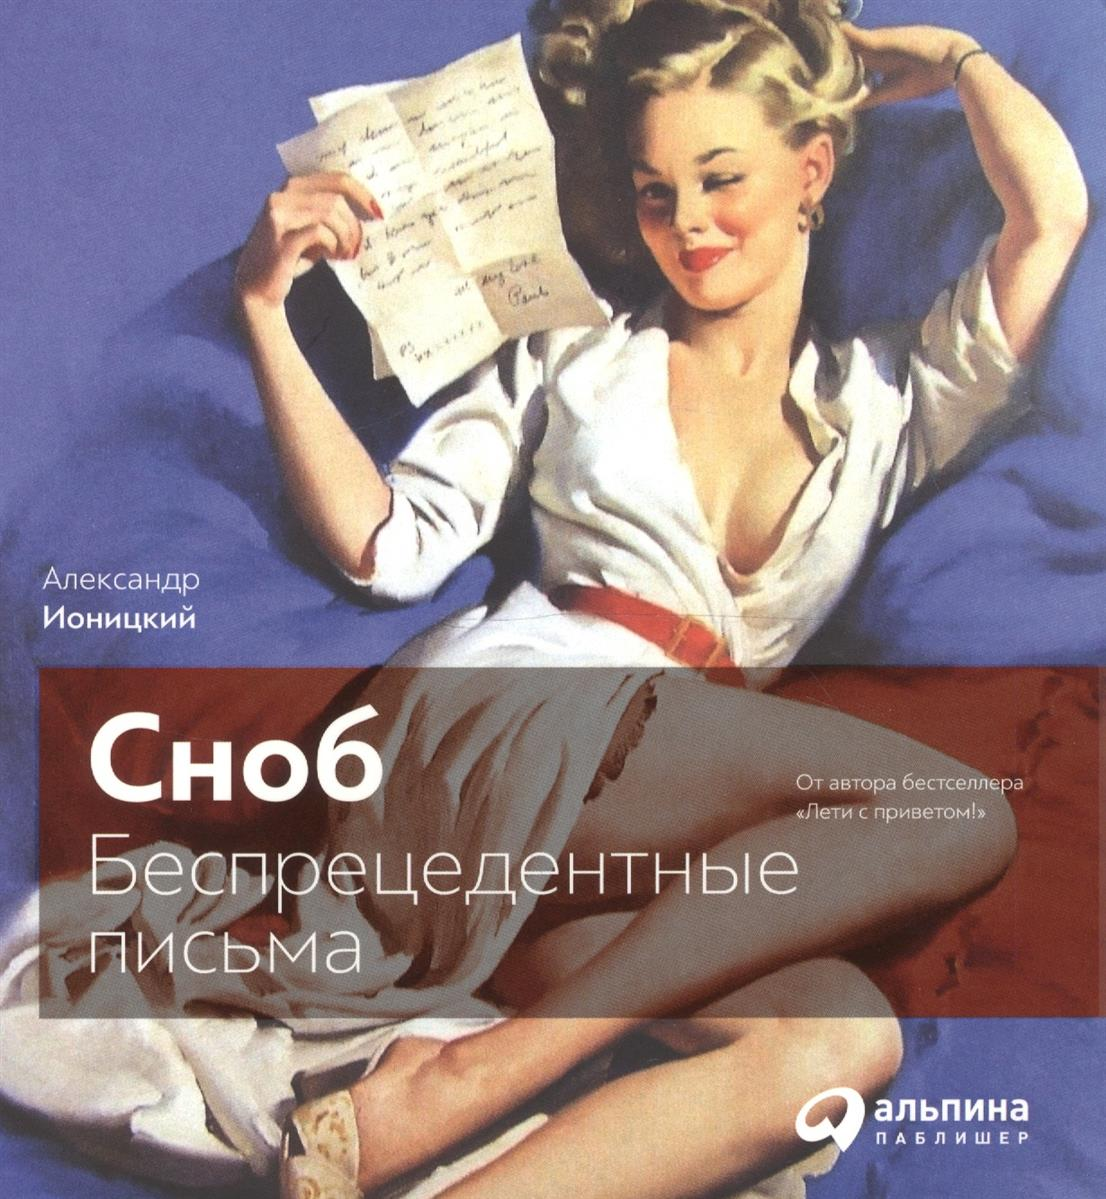 Ионицкий А. Сноб: Беспрецедентные письма